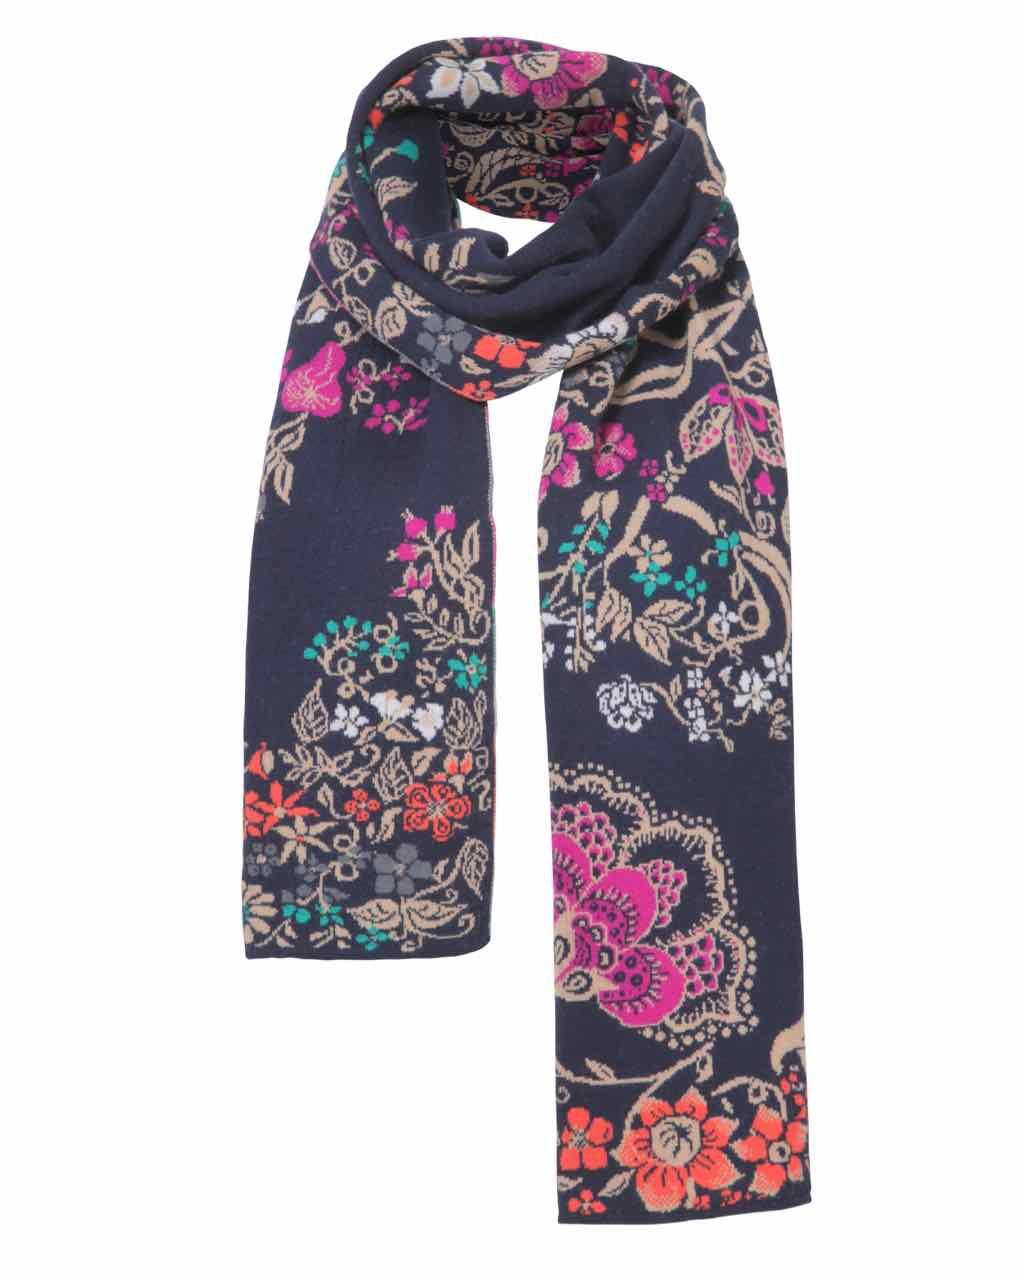 Ivko Scarf Floral Pattern 72555 039 Buy Online